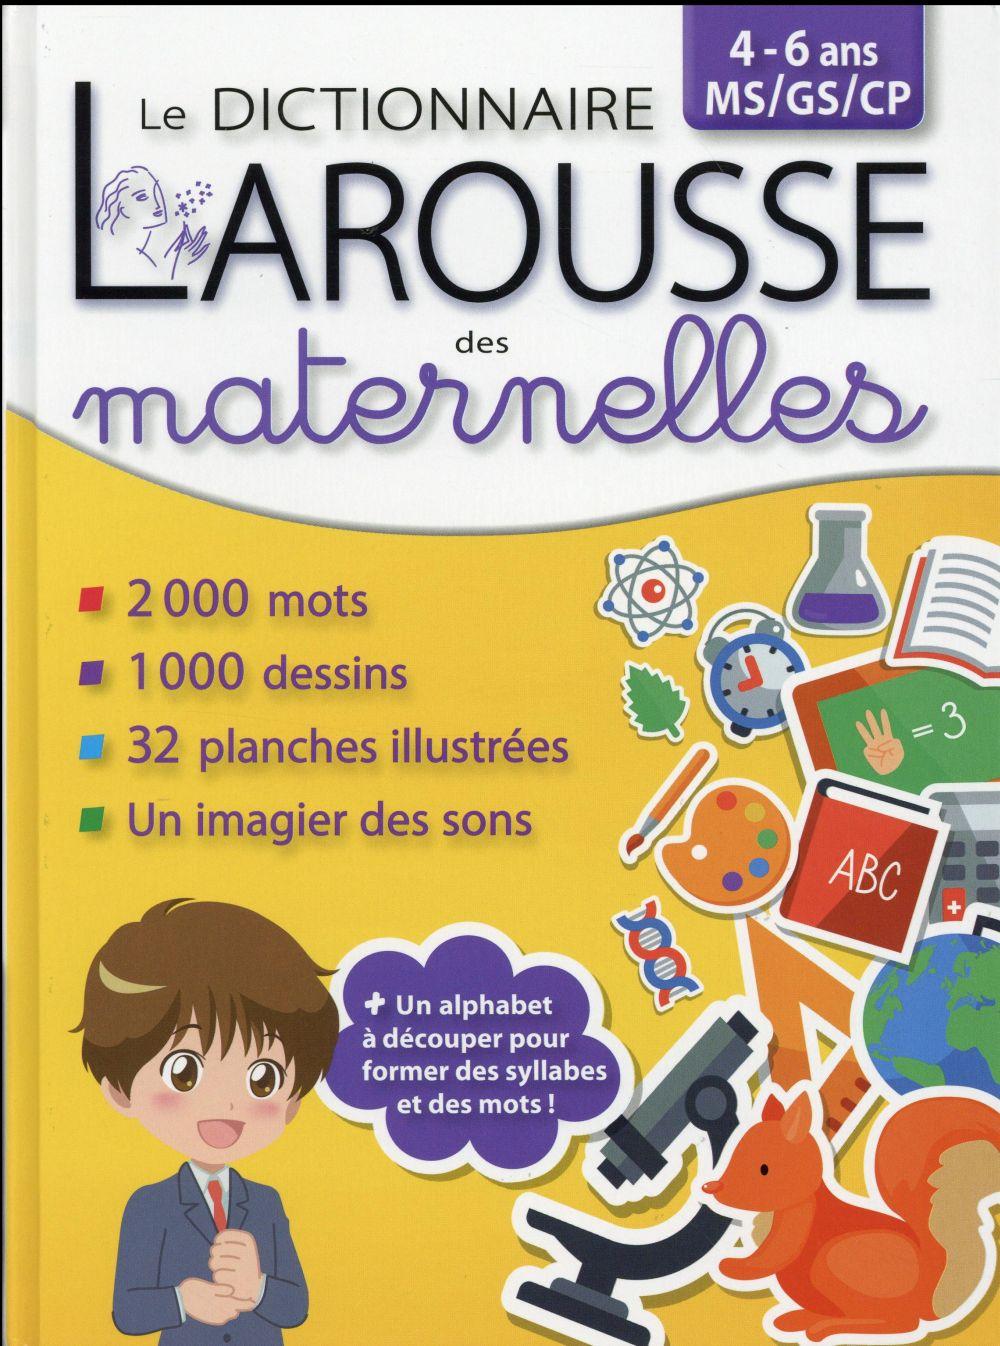 Le dictionnaire Larousse des maternelles ; 4-6 ans (édition 2016)